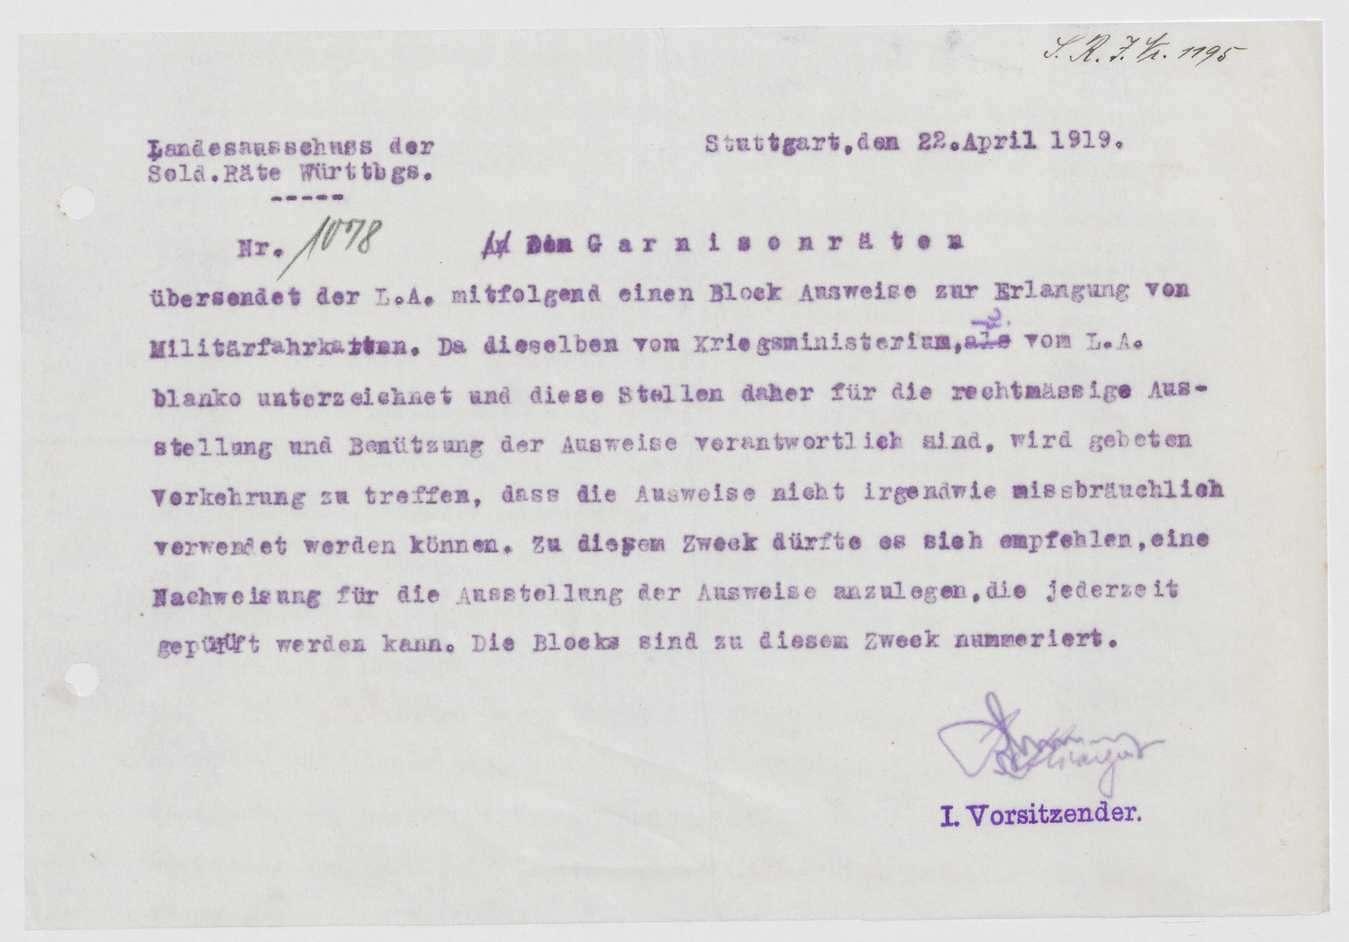 Angelegenheiten einzelner Mitglieder des Garnisonrats, Übersendung von Ausweisen zur Erlangung von Militärfahrkarten, Bild 2